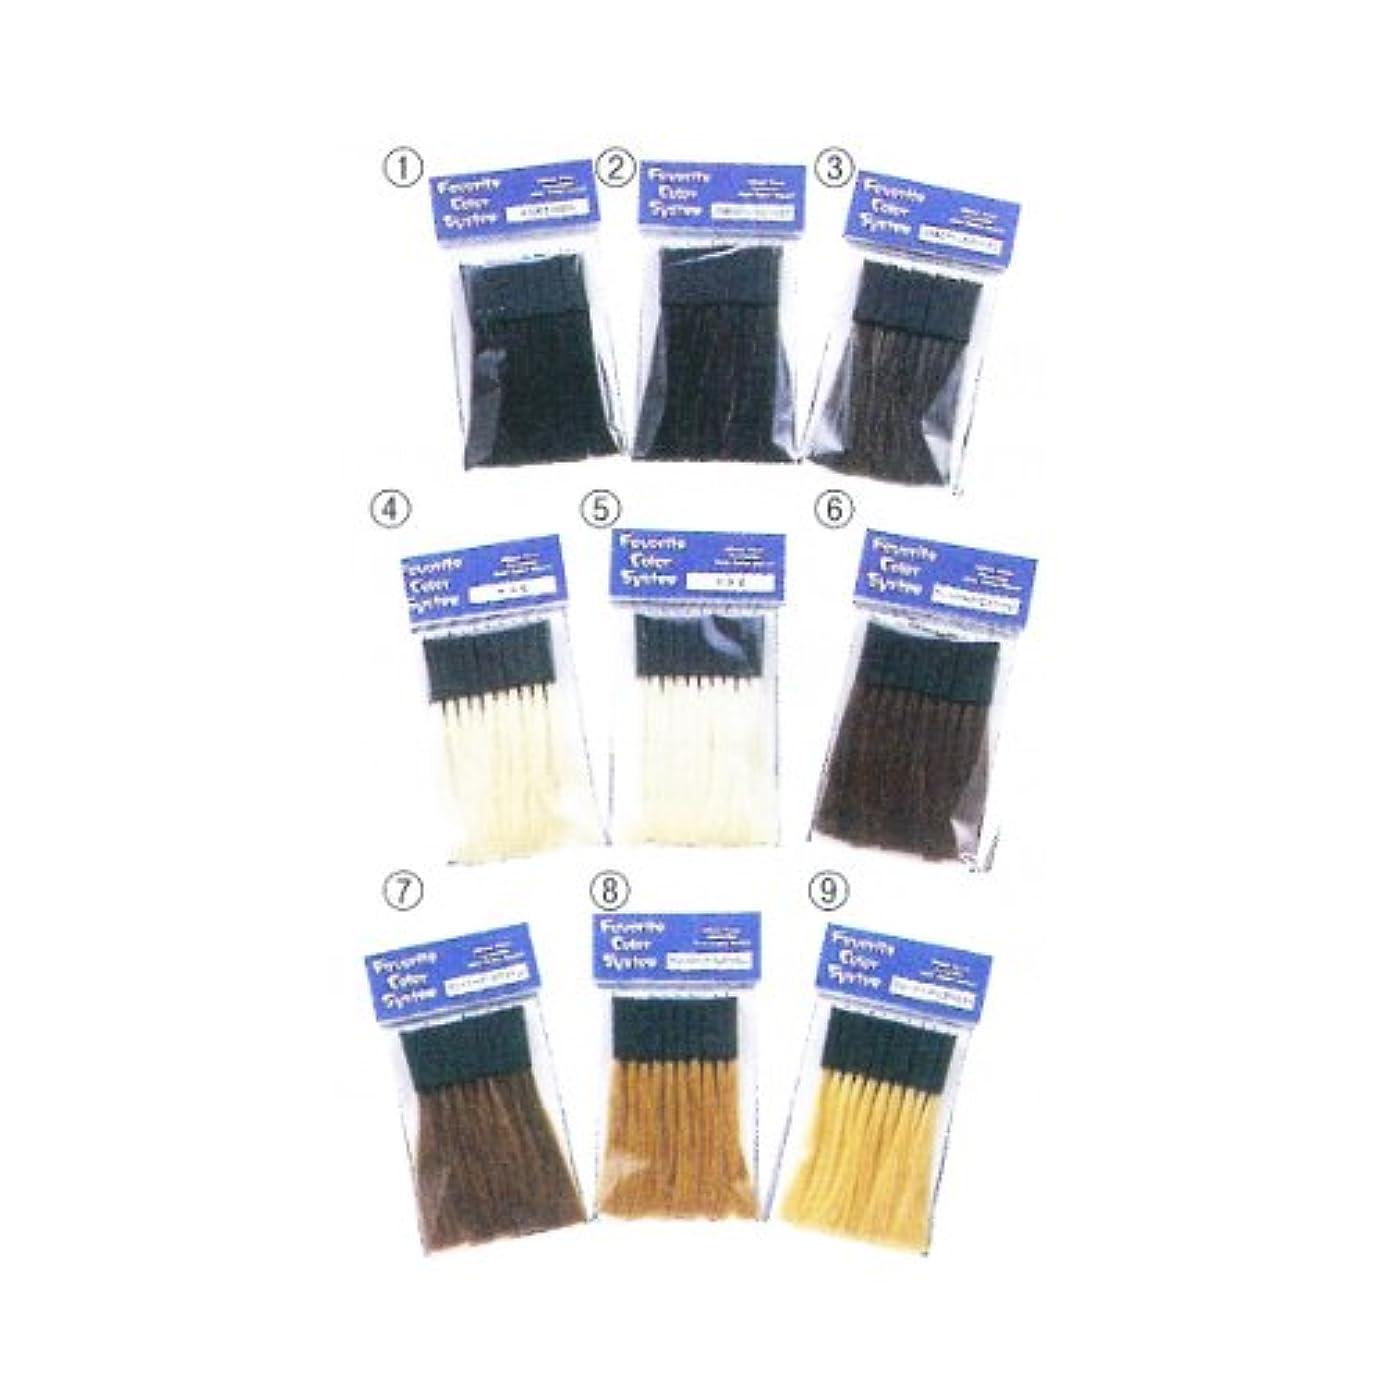 たまに放課後バーチャルフェイバリット カラーシステム(10本入) 4ヤギ毛